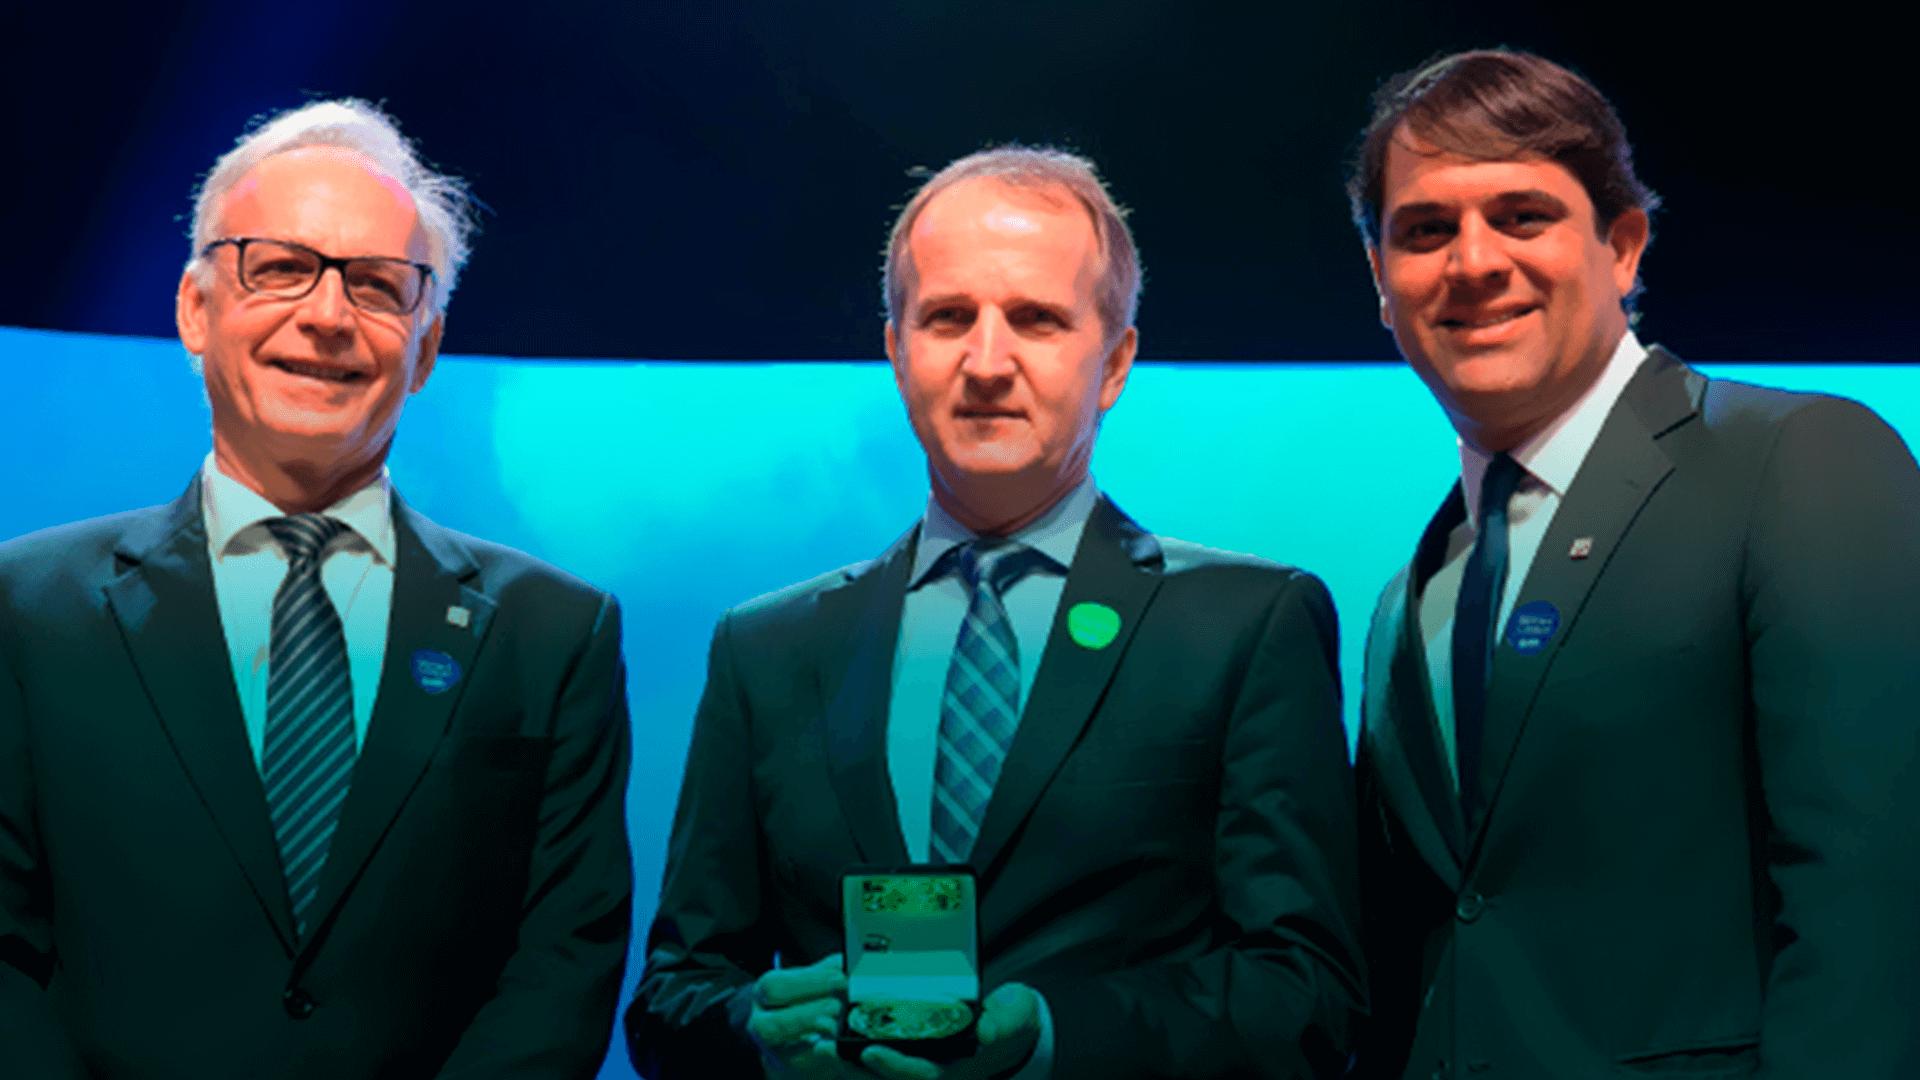 DOT digital group recebe medalha por empreendedorismo em Florianópolis